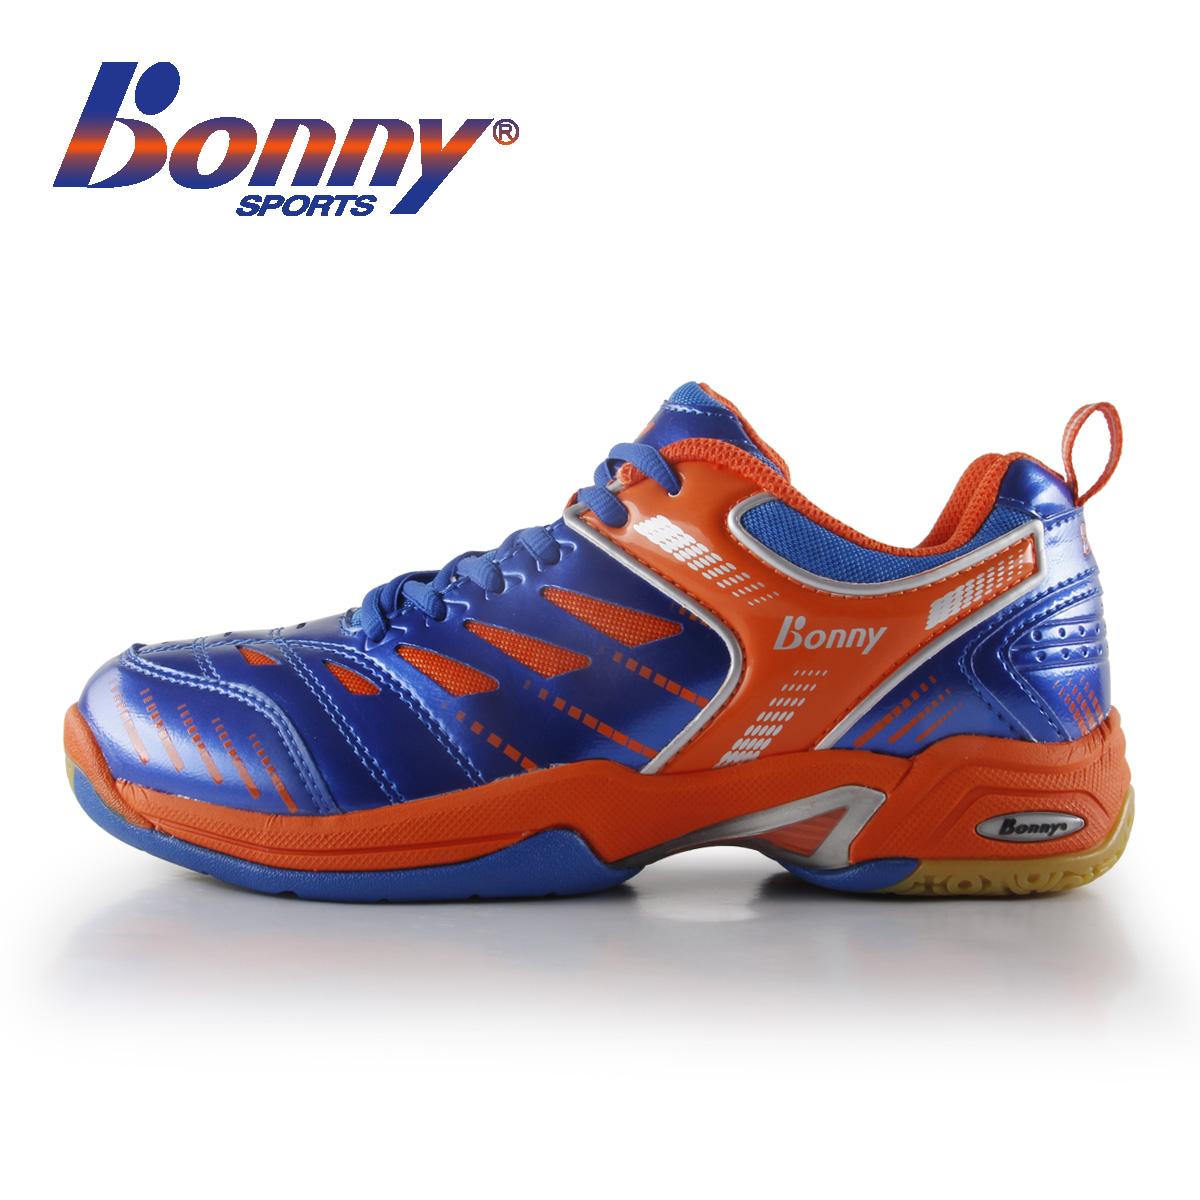 新BONNY波力减震专业羽毛球鞋运动鞋女鞋男鞋透气耐磨防滑302正品